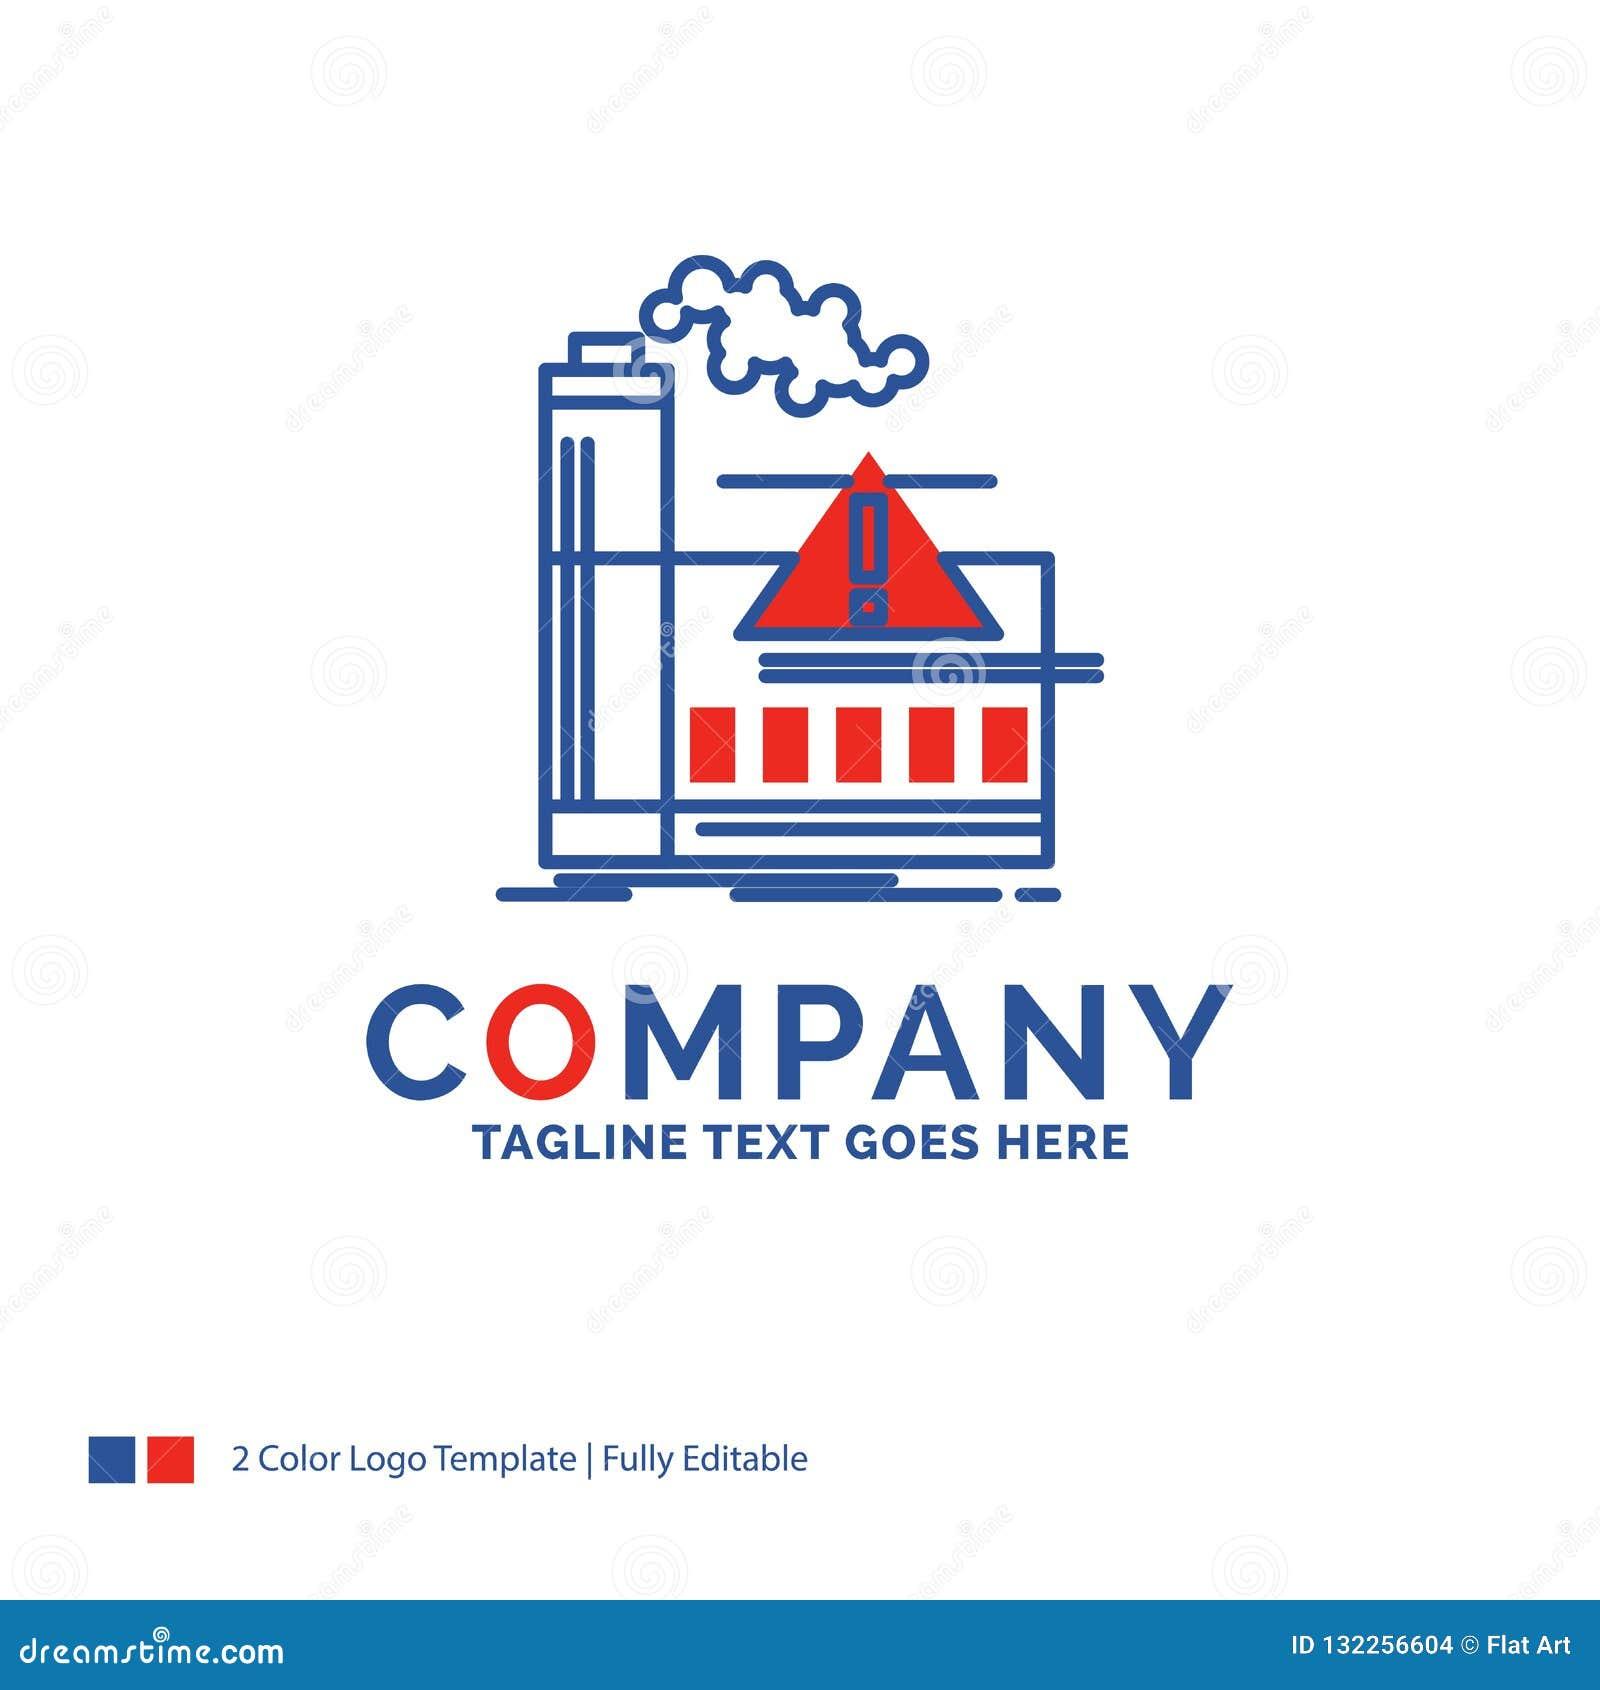 Дизайн логотипа названия фирмы для загрязнения, фабрики, воздуха, сигнала тревоги, ind